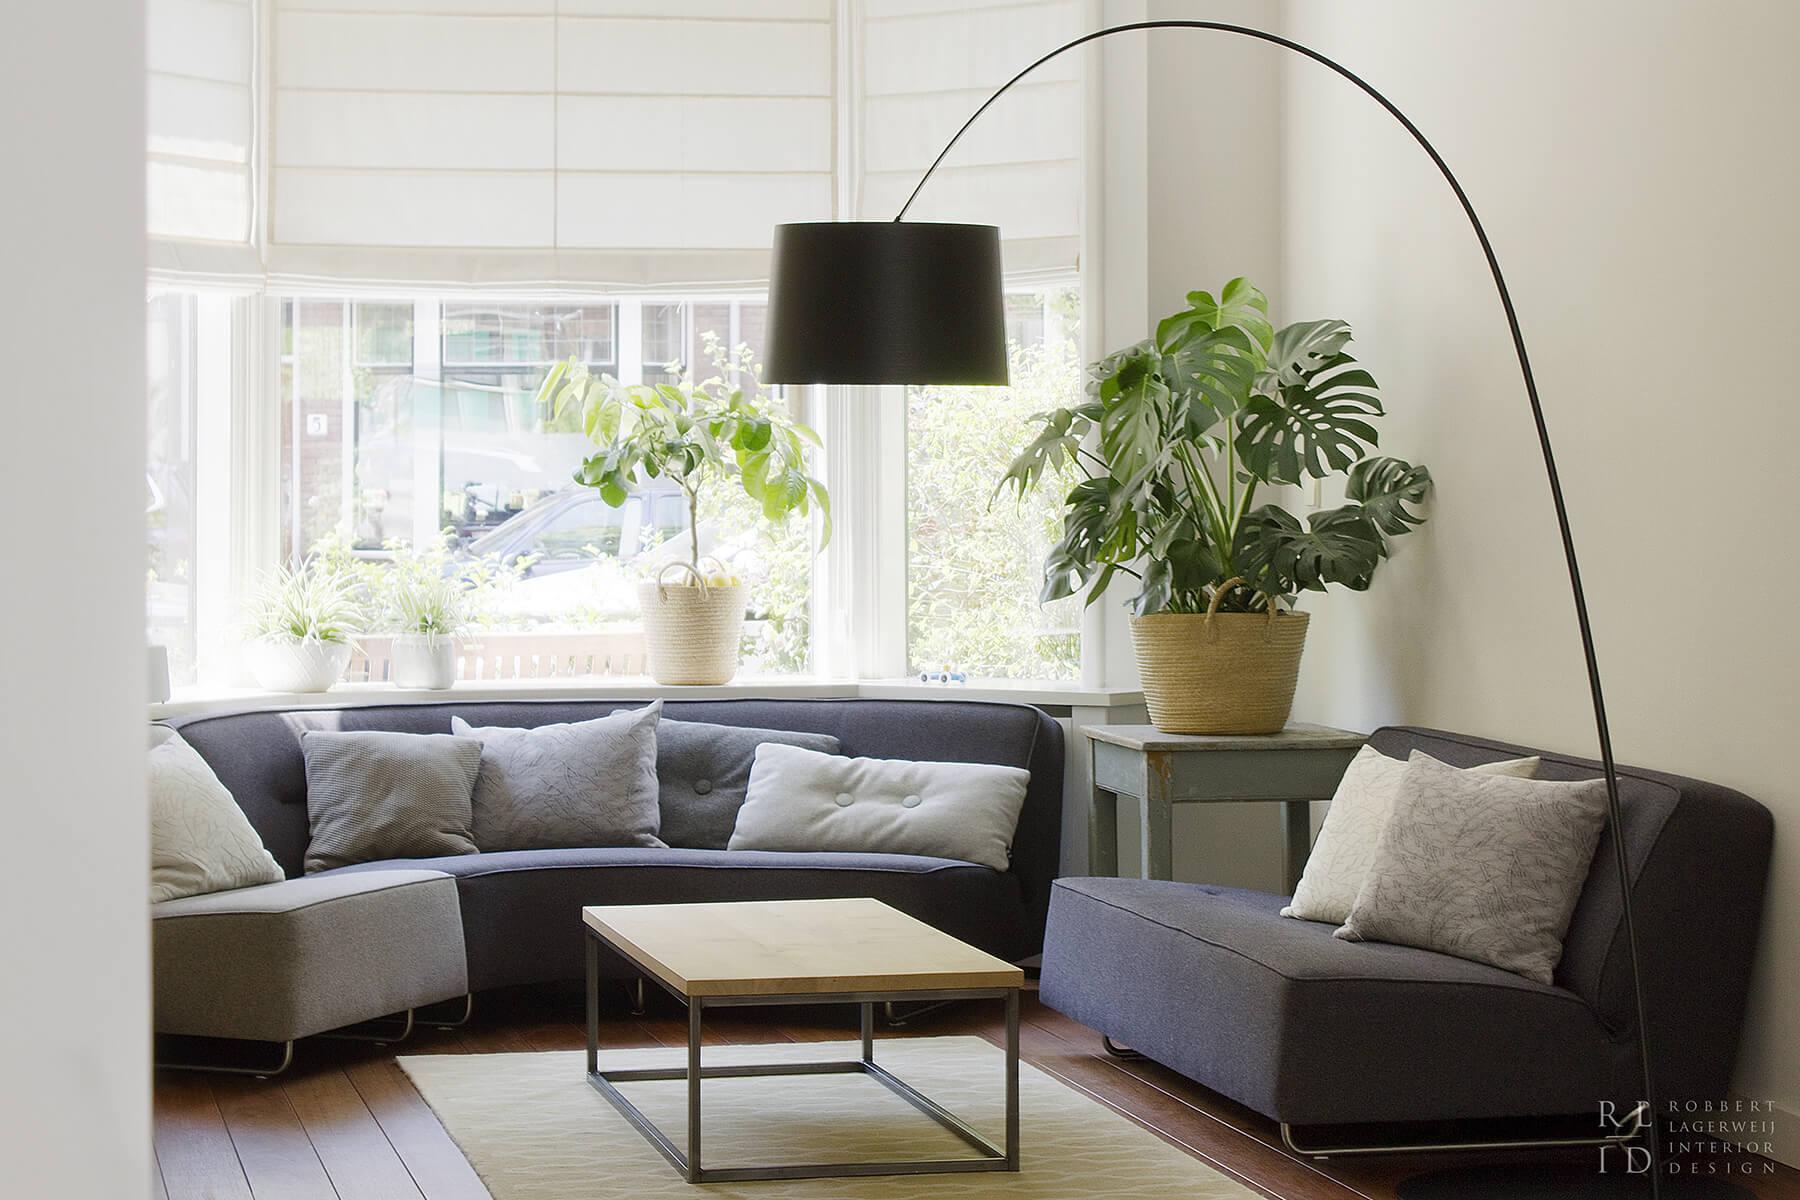 Robbert Lagerweij interior design